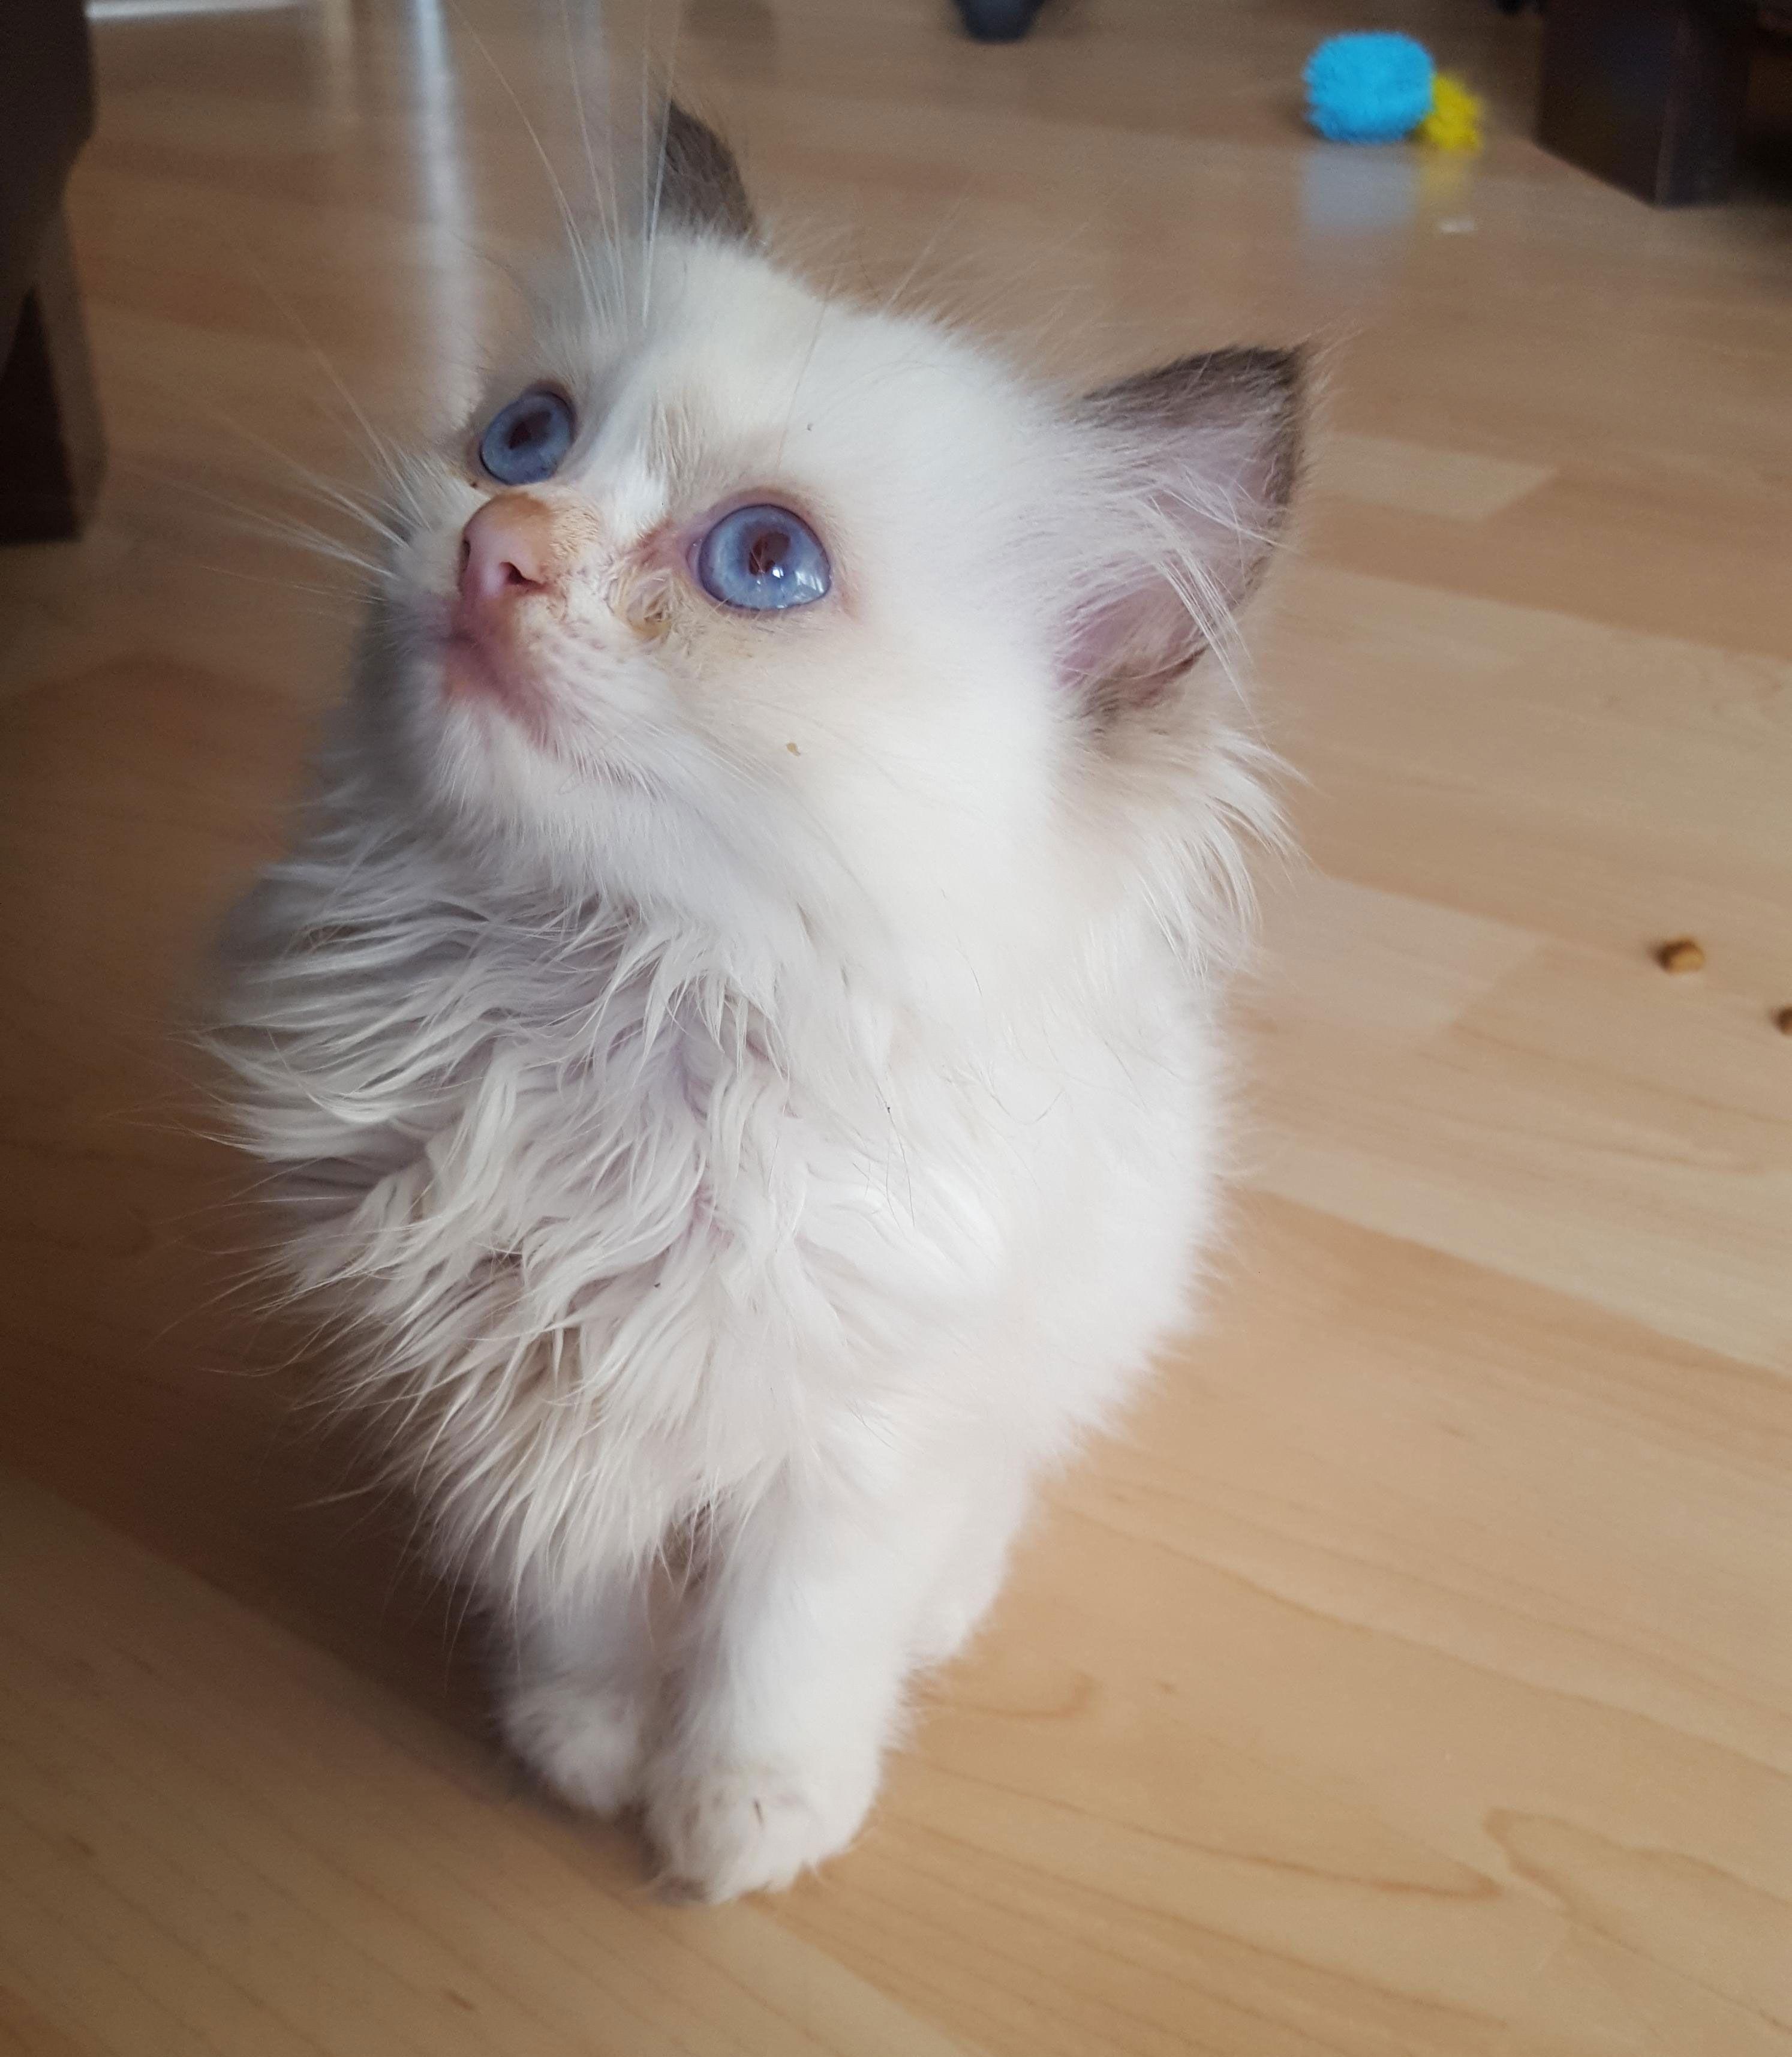 Meet Ragnar the most beautiful cute fluffy blue eyed Ragdoll